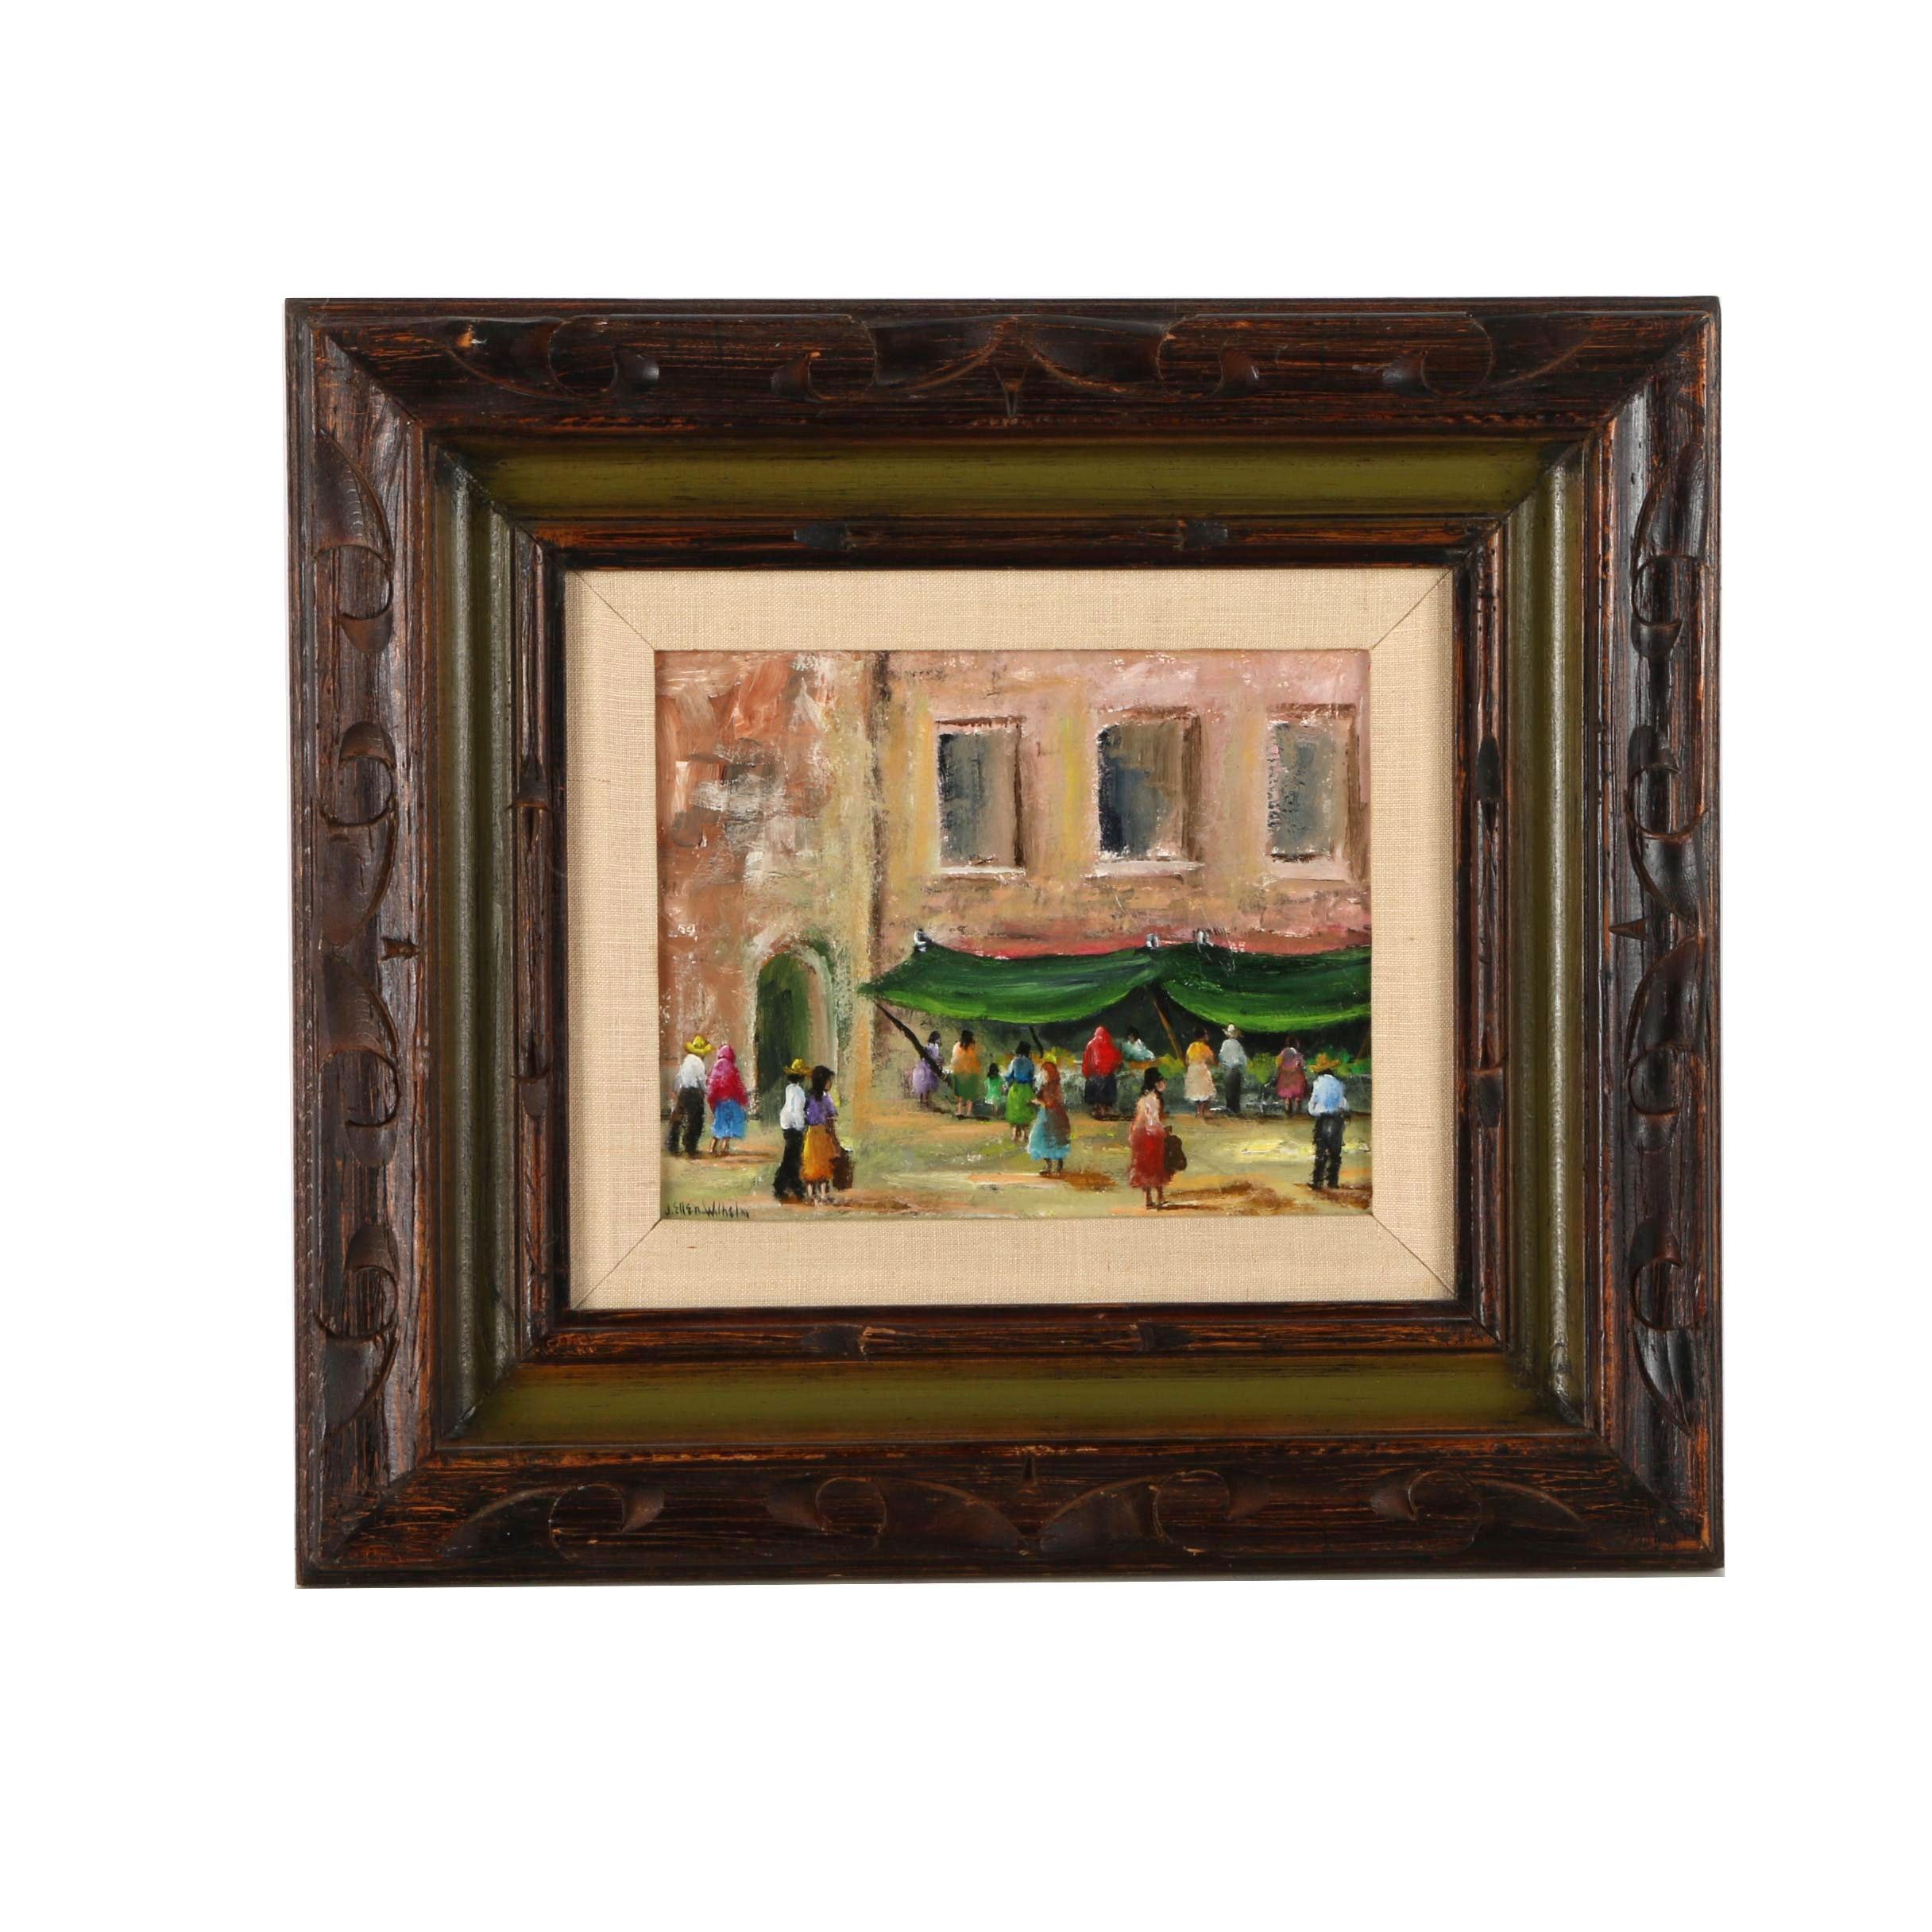 J. Ellen Wilhelm Oil Painting on Canvas Board of a City Street